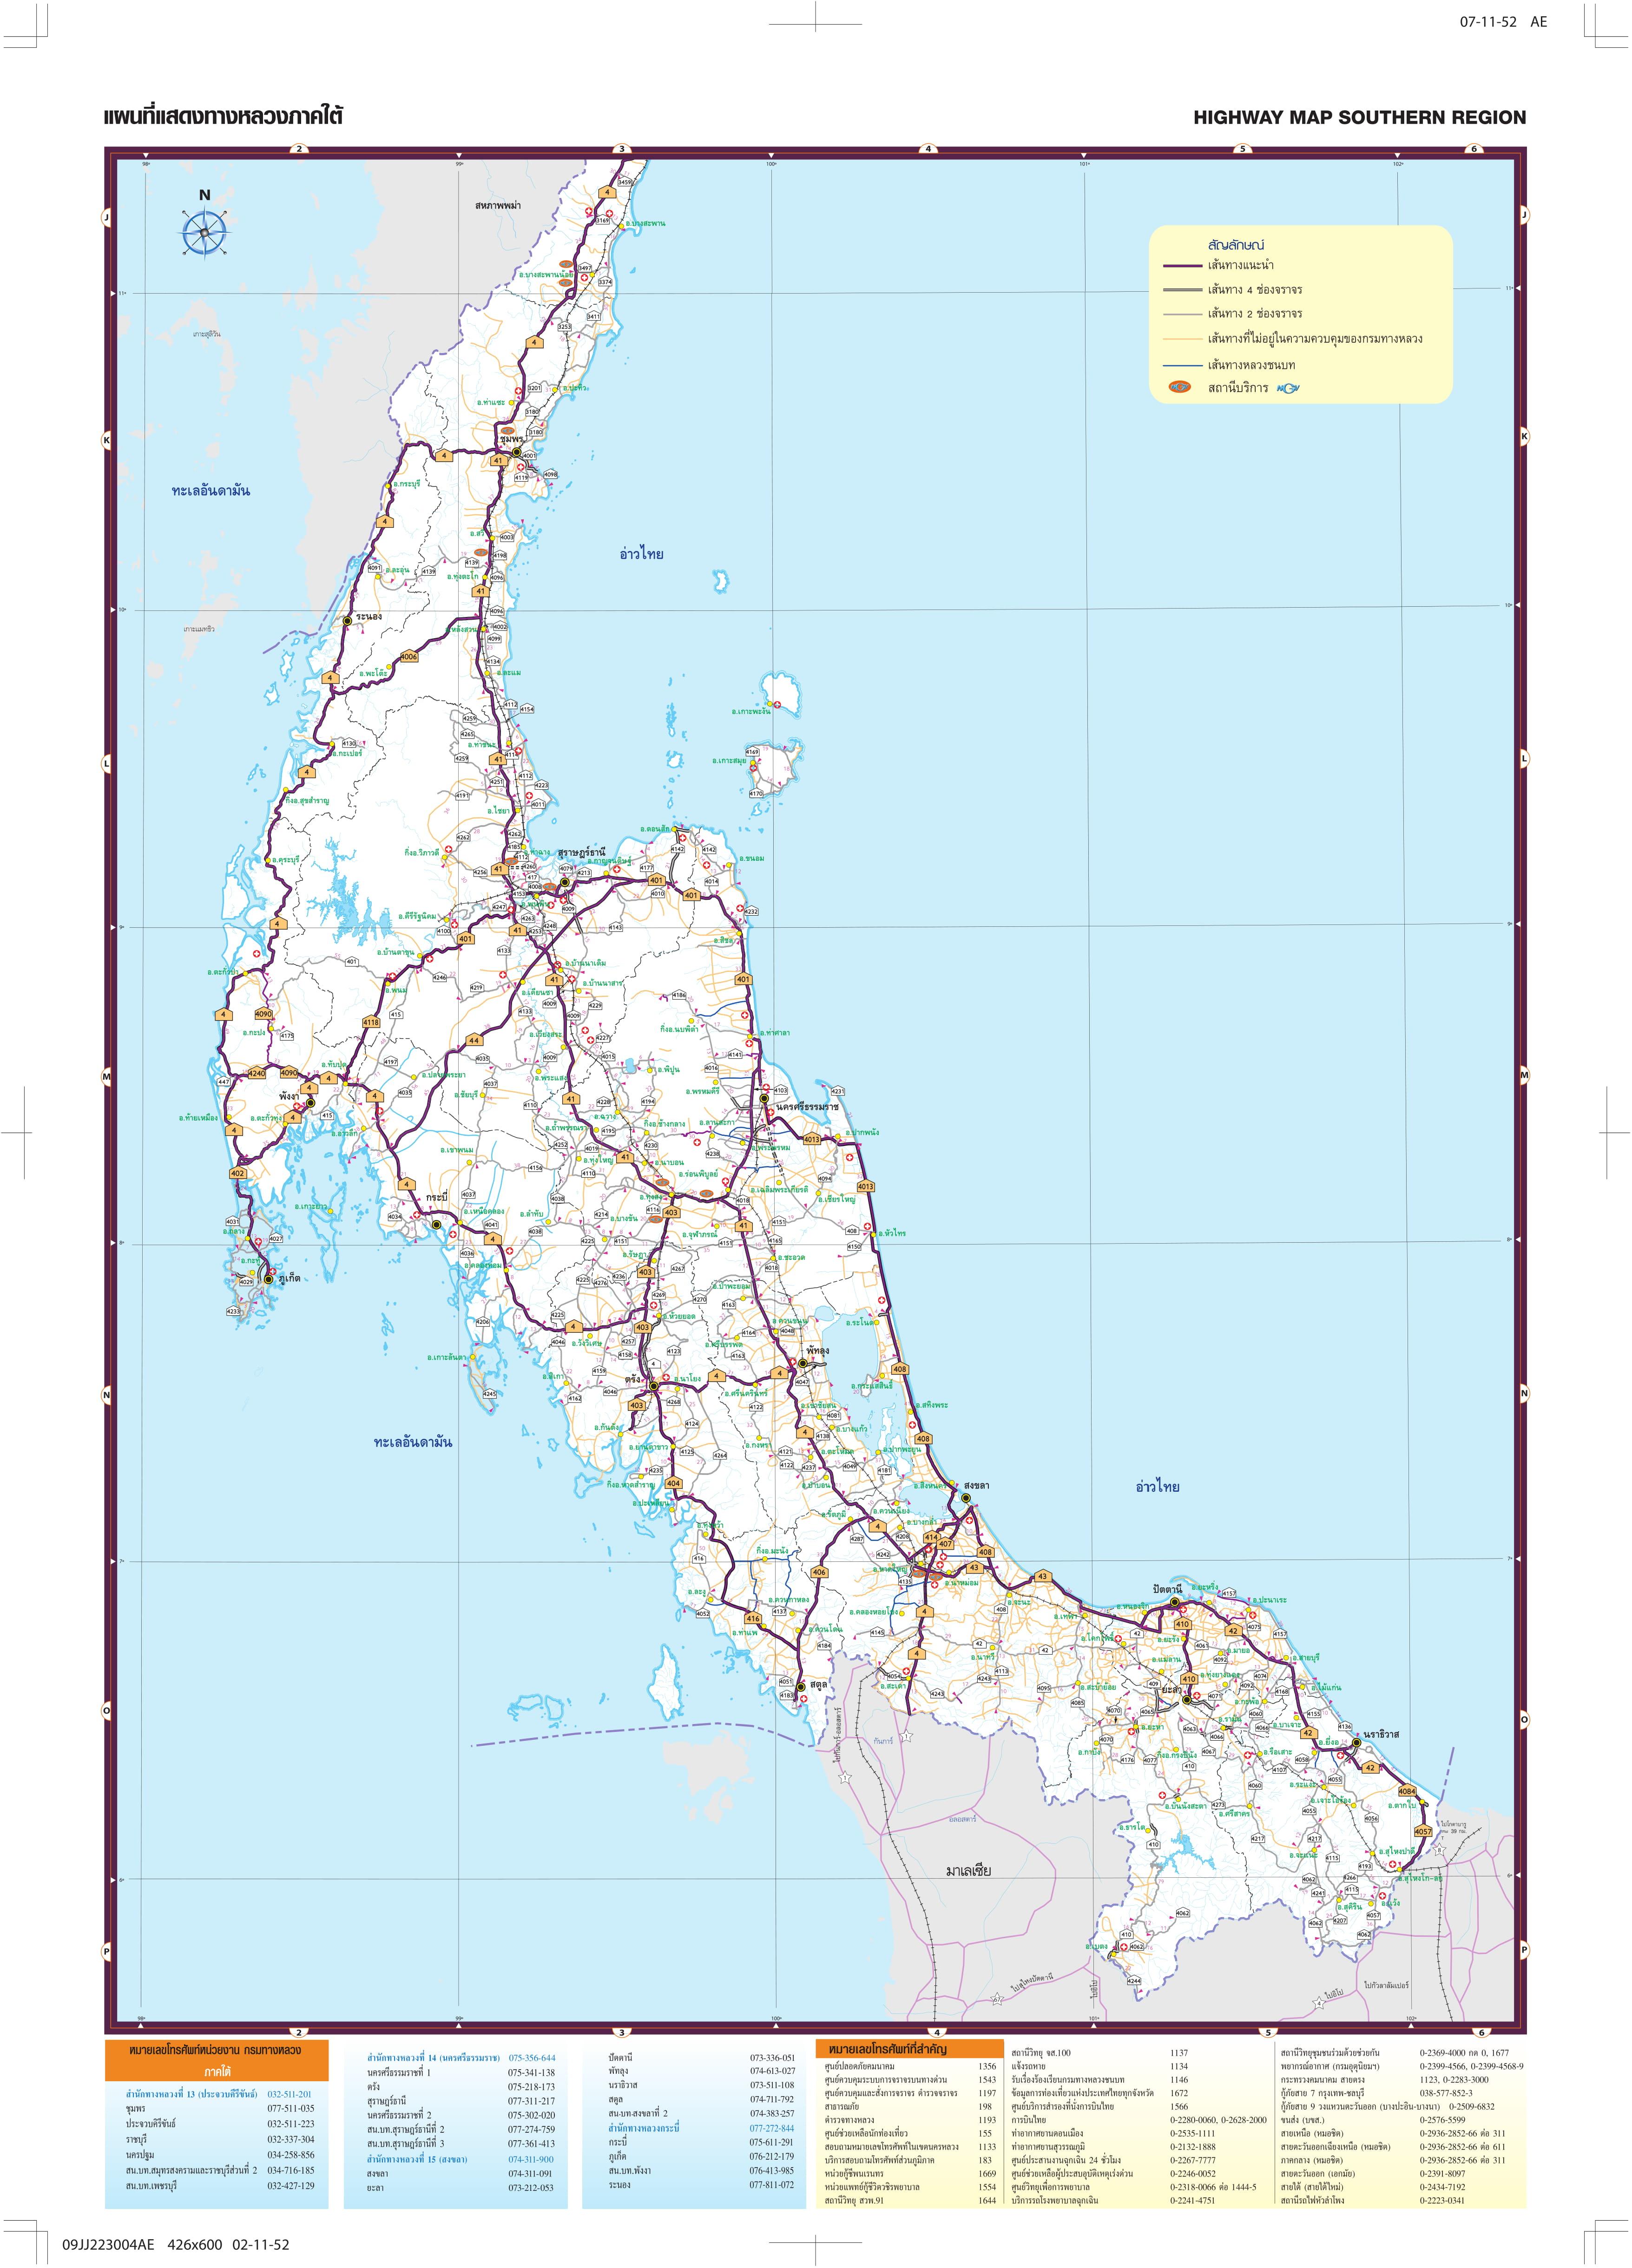 แผนที่แสดงภาคใต้